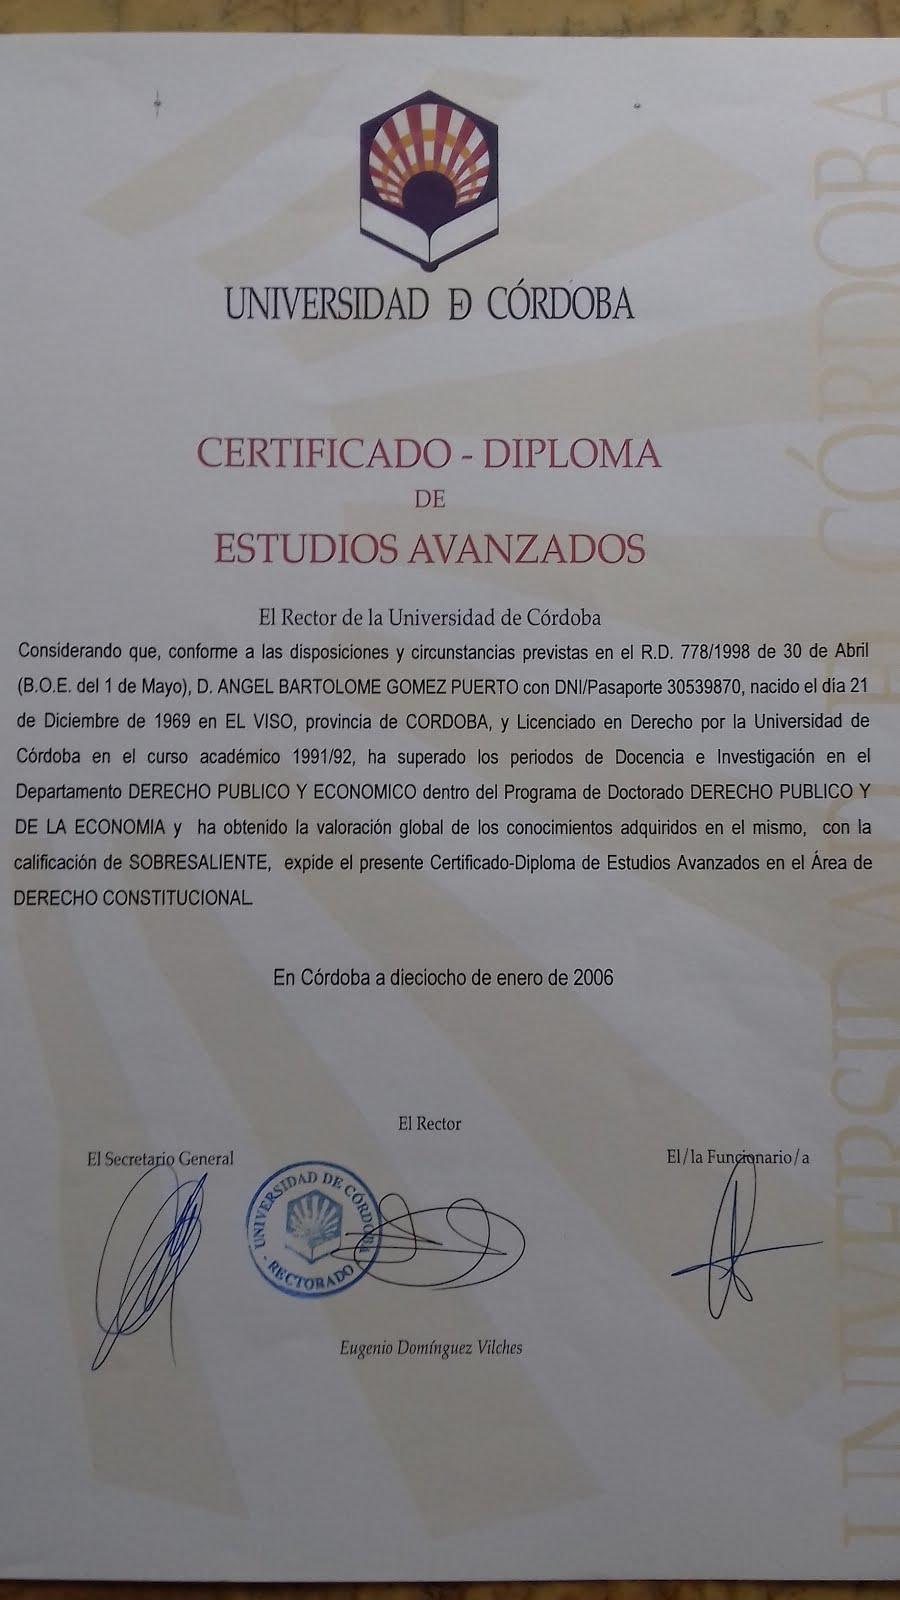 Diploma de Estudios Avanzados en Derecho Constitucional